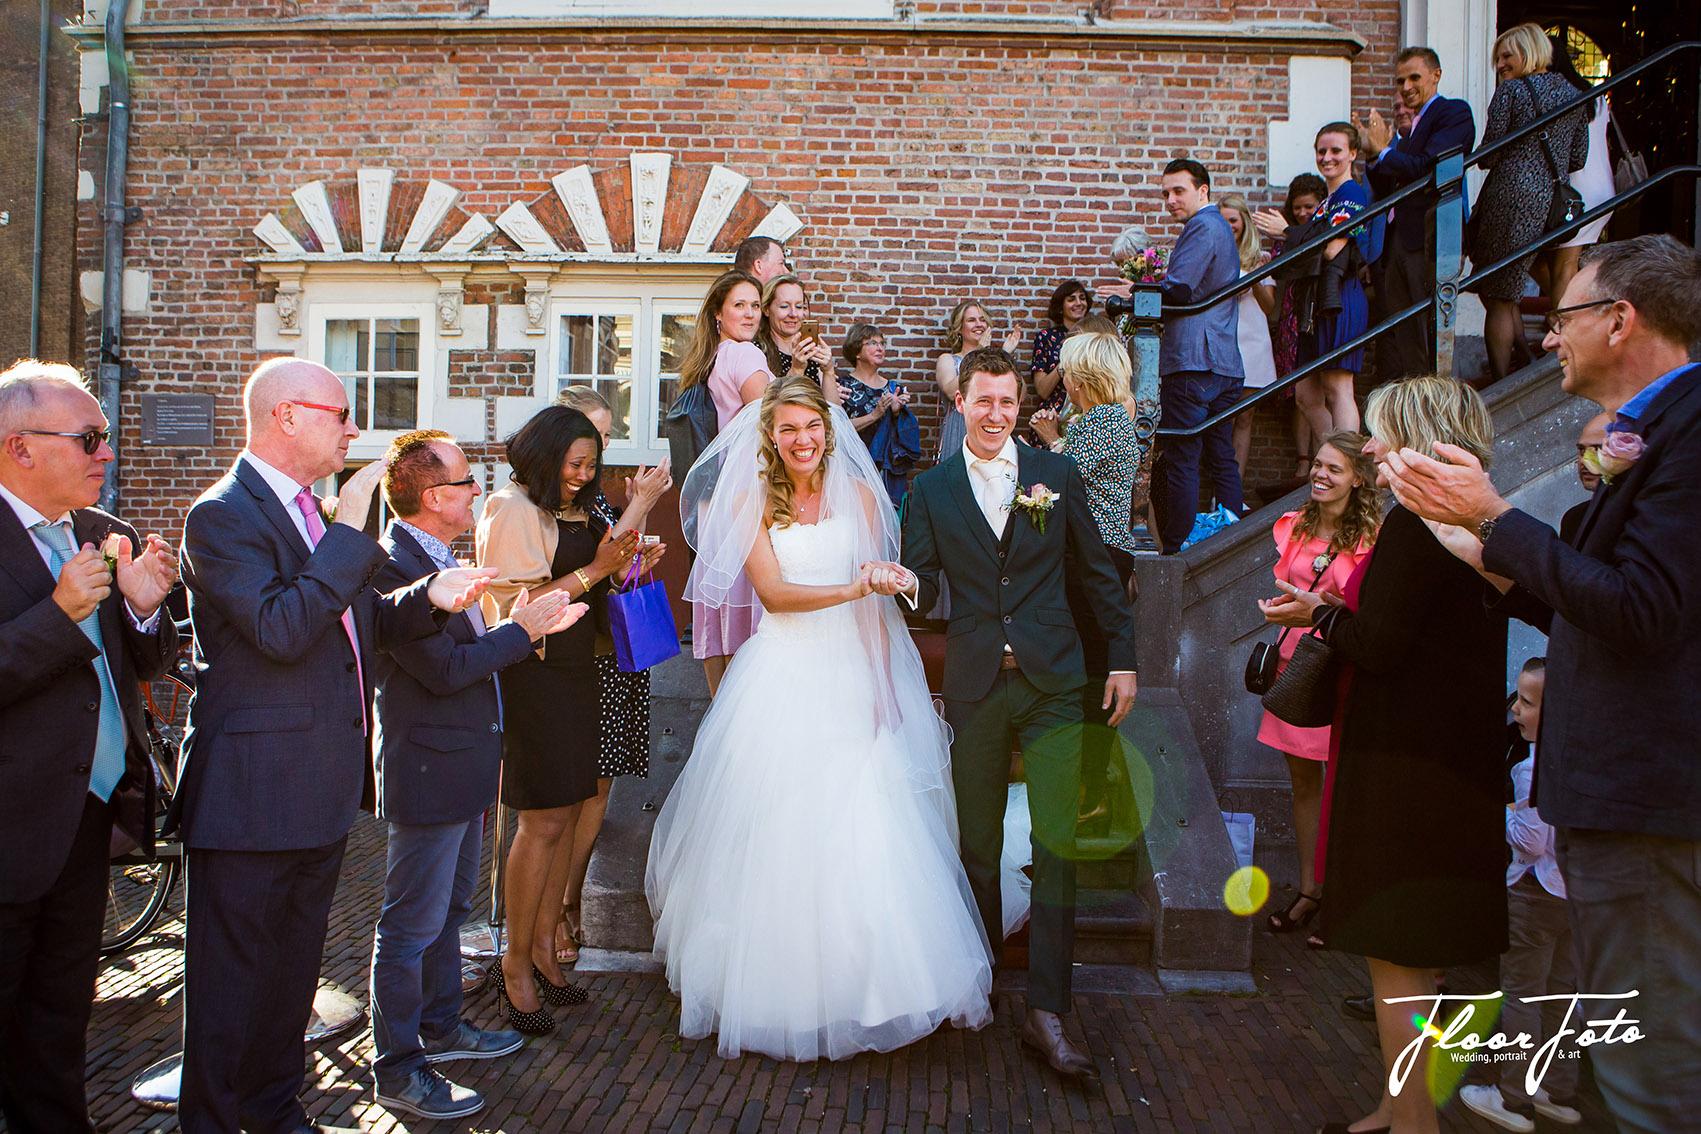 Bruidsfotograaf FloorFoto, Haarlem, Heemstede, Overveen